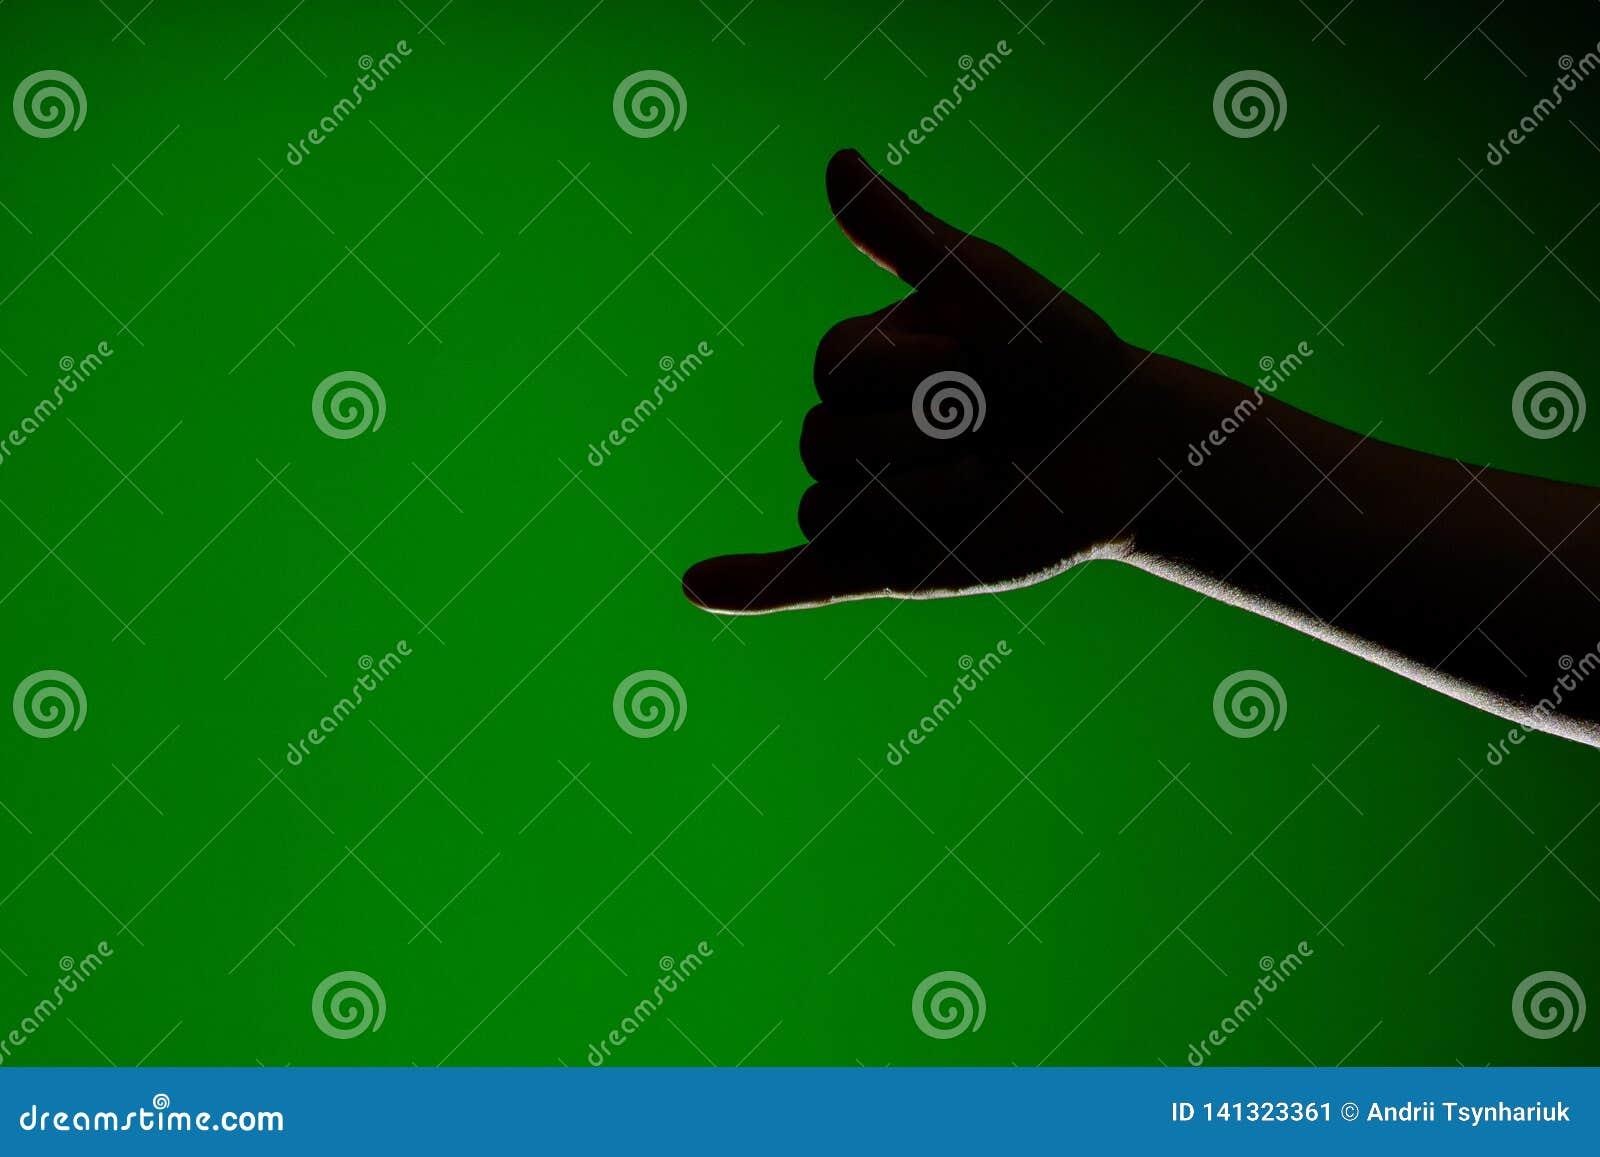 O sinal de mostras de um telefonema isolado one-handed em um fundo vermelho